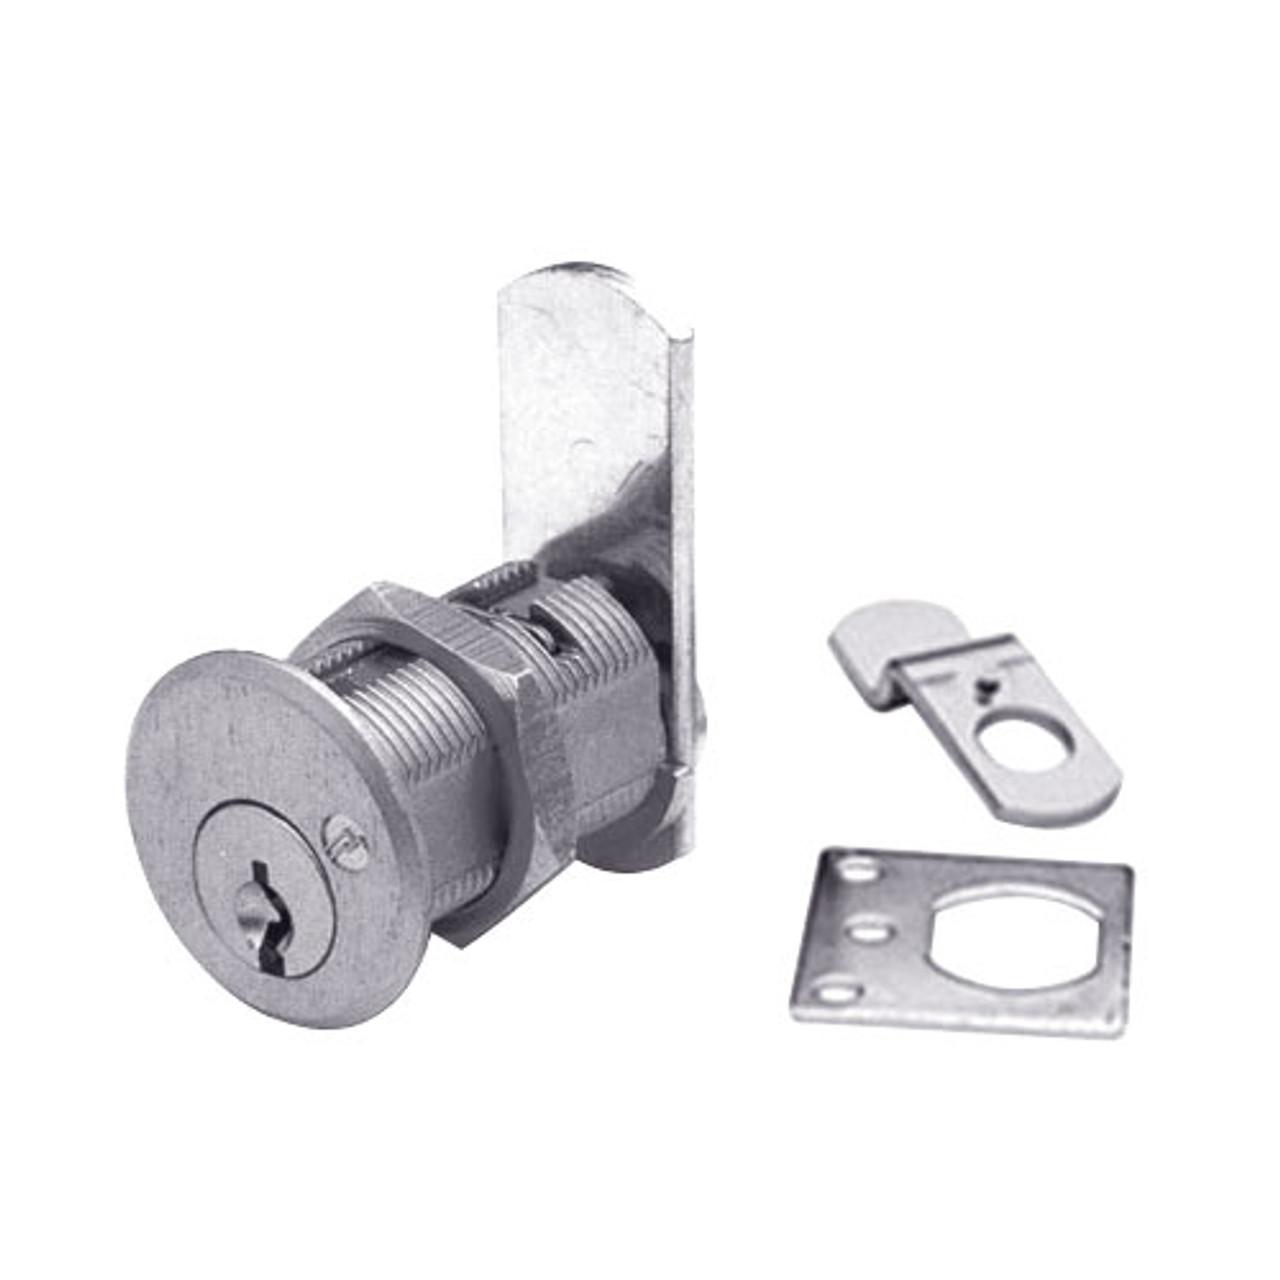 Olympus DCR4-KA4T2-26D Cam Locks in Satin Chrome Finish